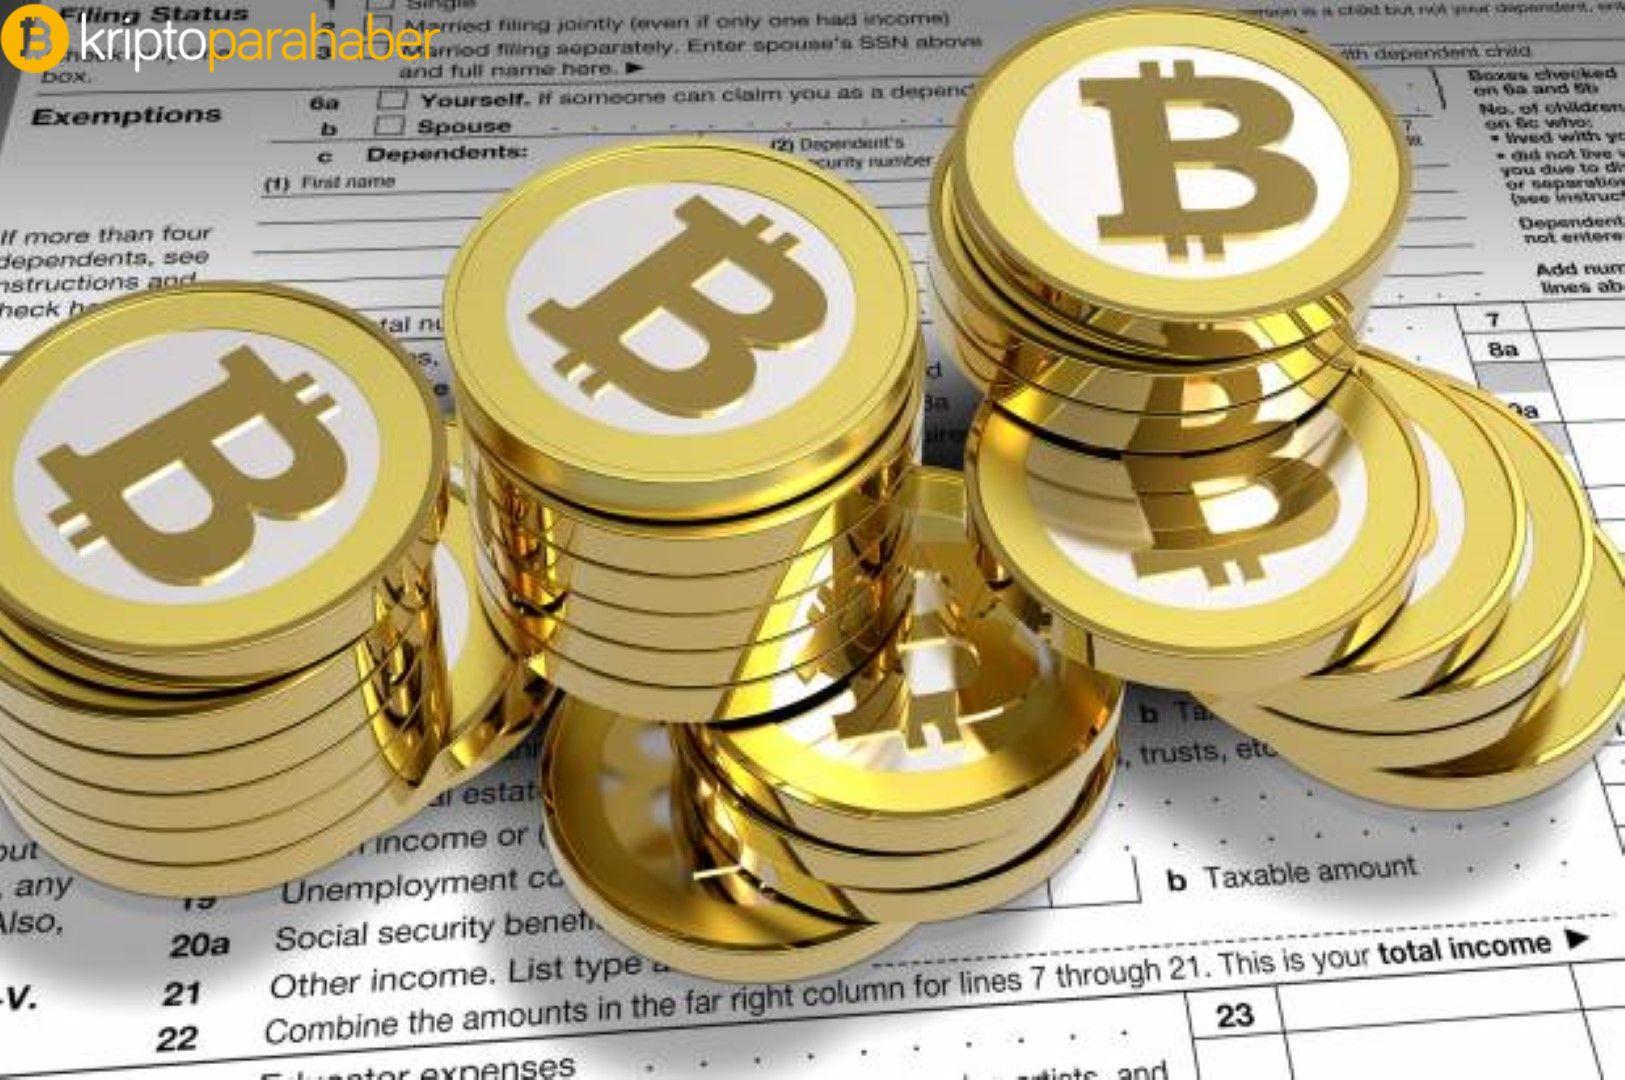 Kripto para vergilendirmesi anketinden dikkat çeken bir sonuç çıktı